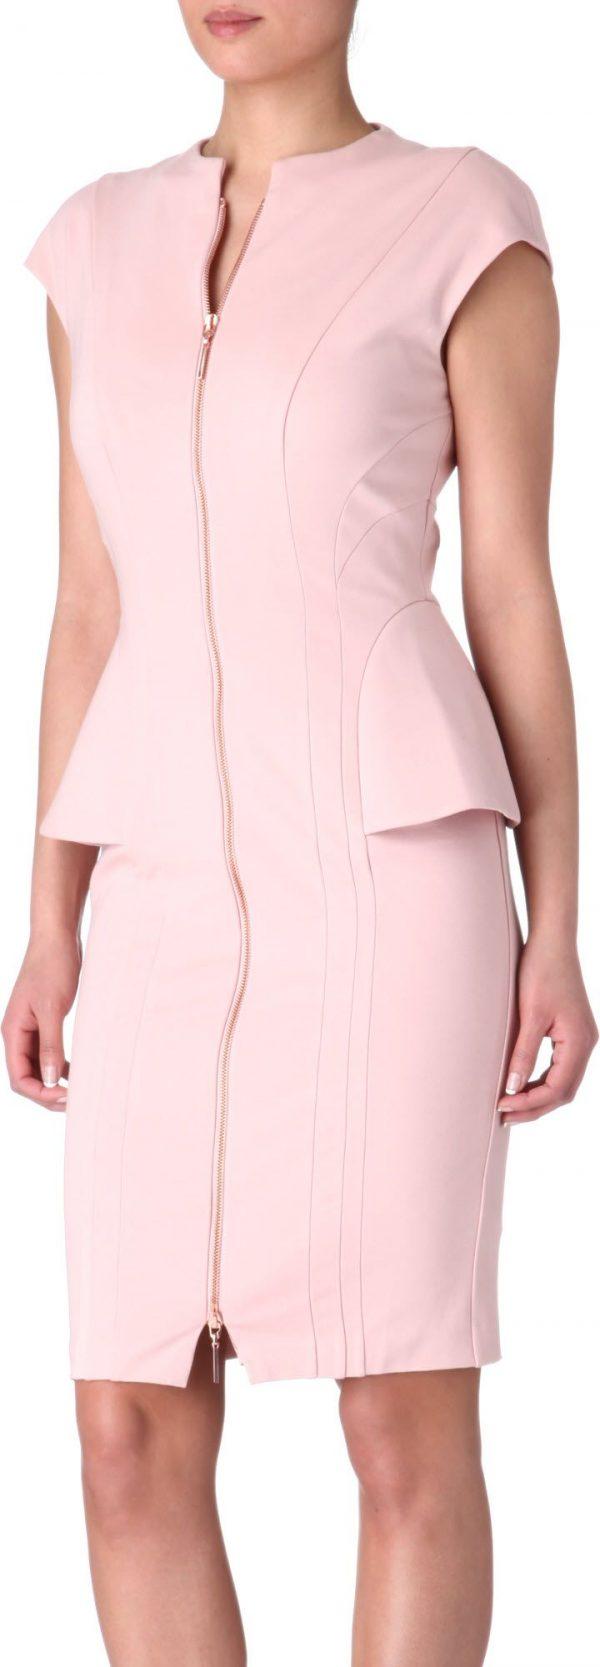 Ted Baker pink dress